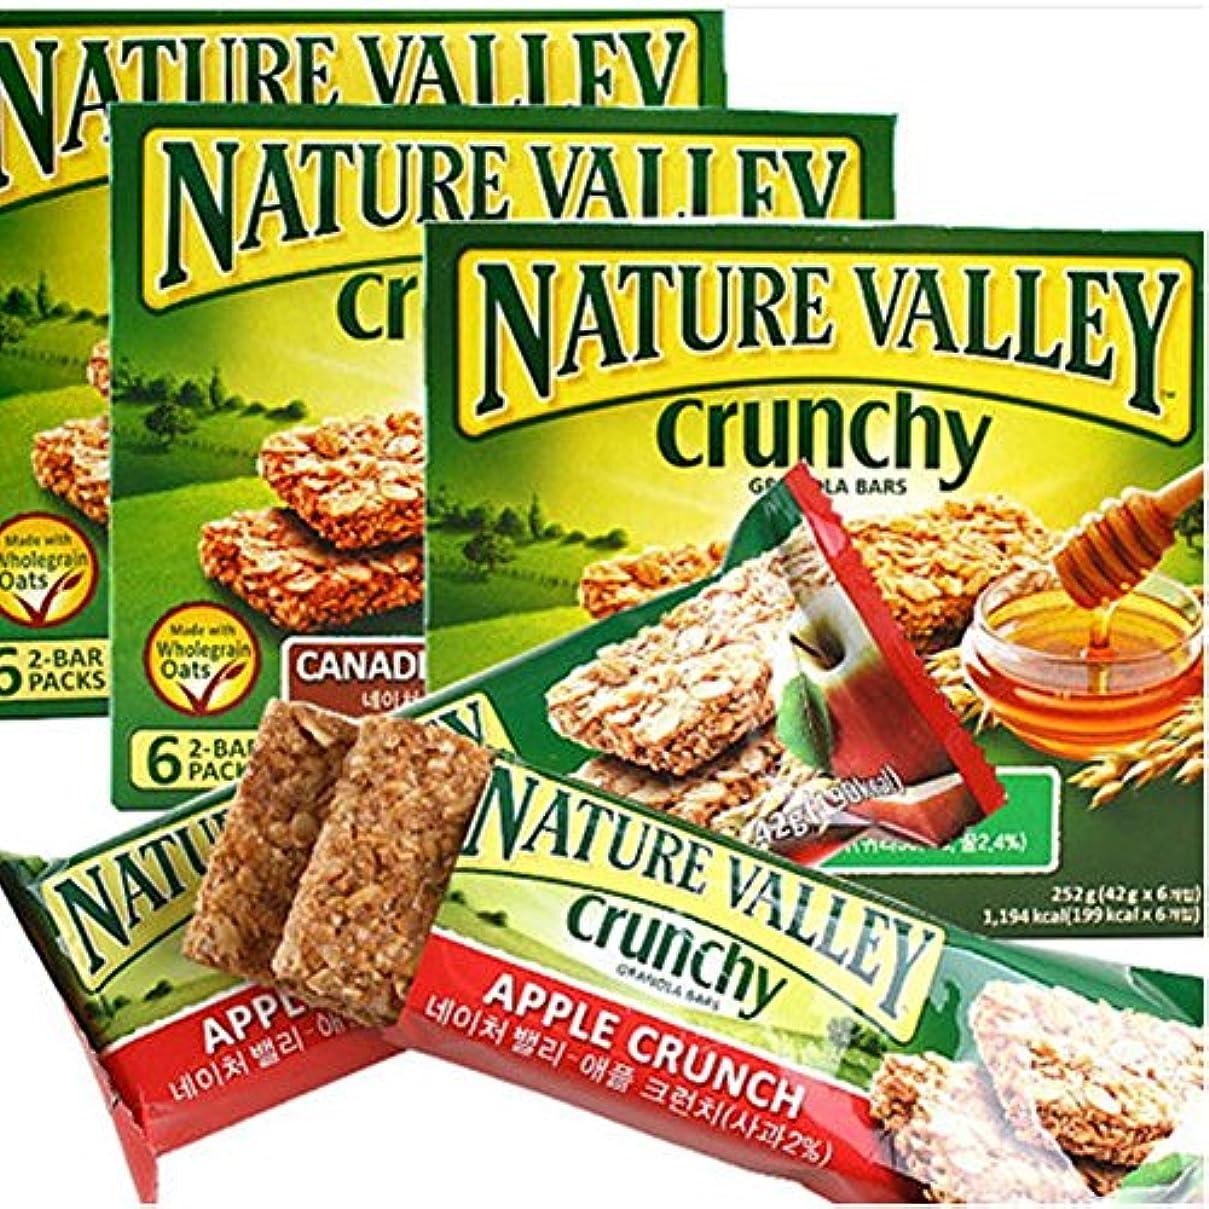 適切な閉塞姿勢[ネイチャーバレー/Nature Valley] APPLE CRUNCH SYRUP/ネイチャーバレークランチグラノーラバー42g5パックx3 Box - アップルクランチシロップ(合計15袋)穀物バー/シリアル/栄養...